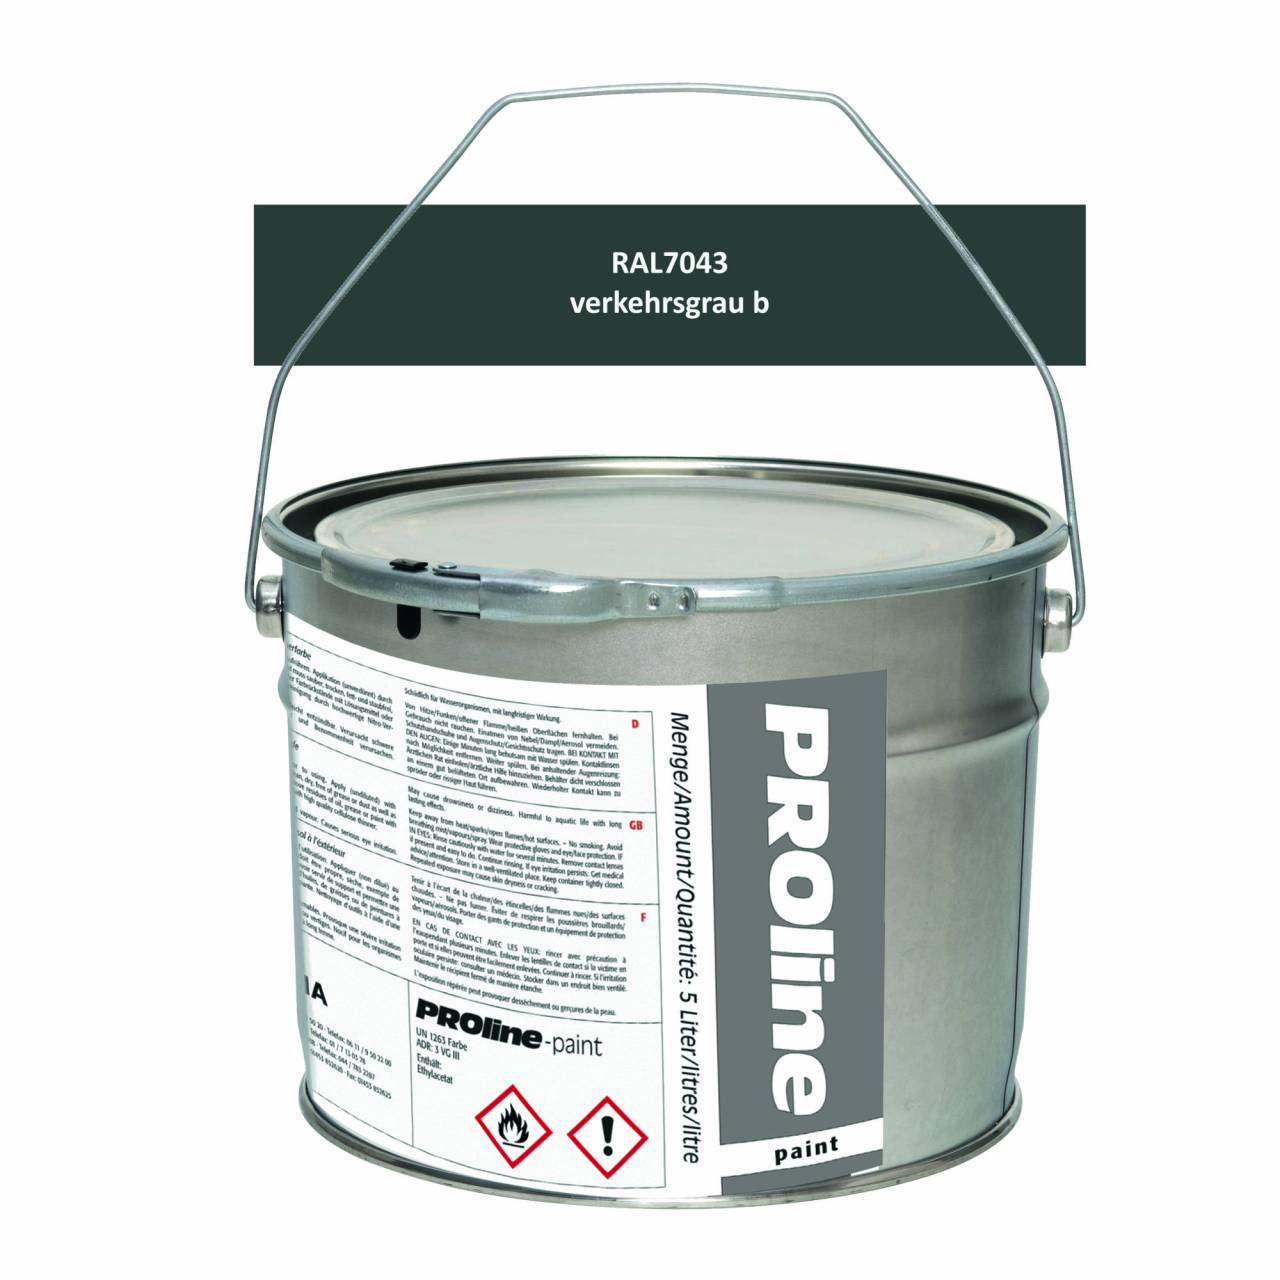 Aussen-Markierfarbe 'PROline-paint' GRAU / Eimer a 5,0 Liter